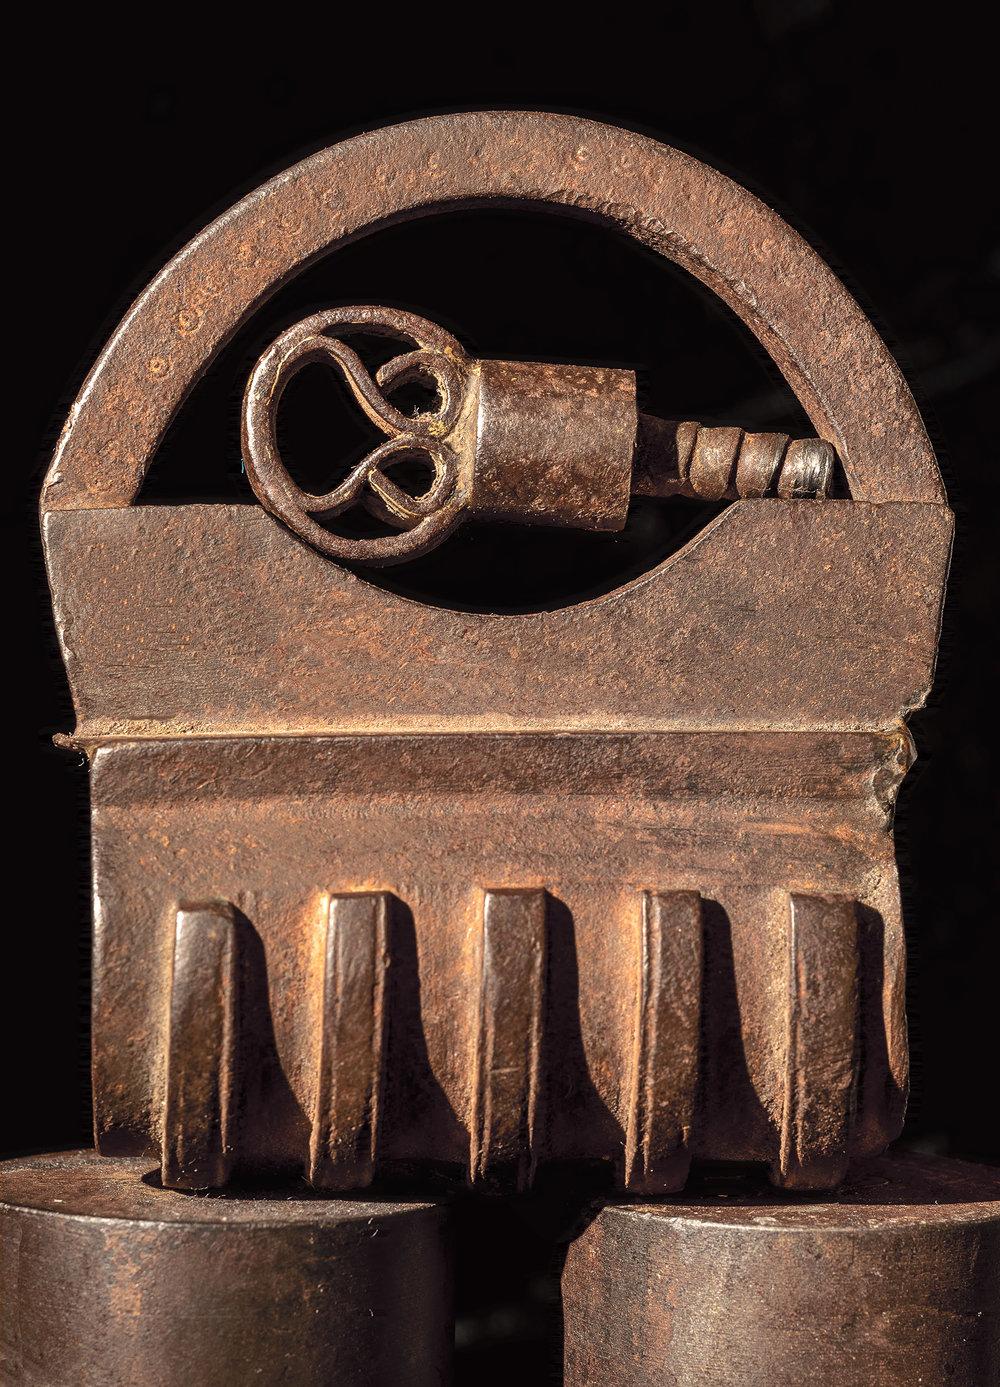 padlock1198.jpg